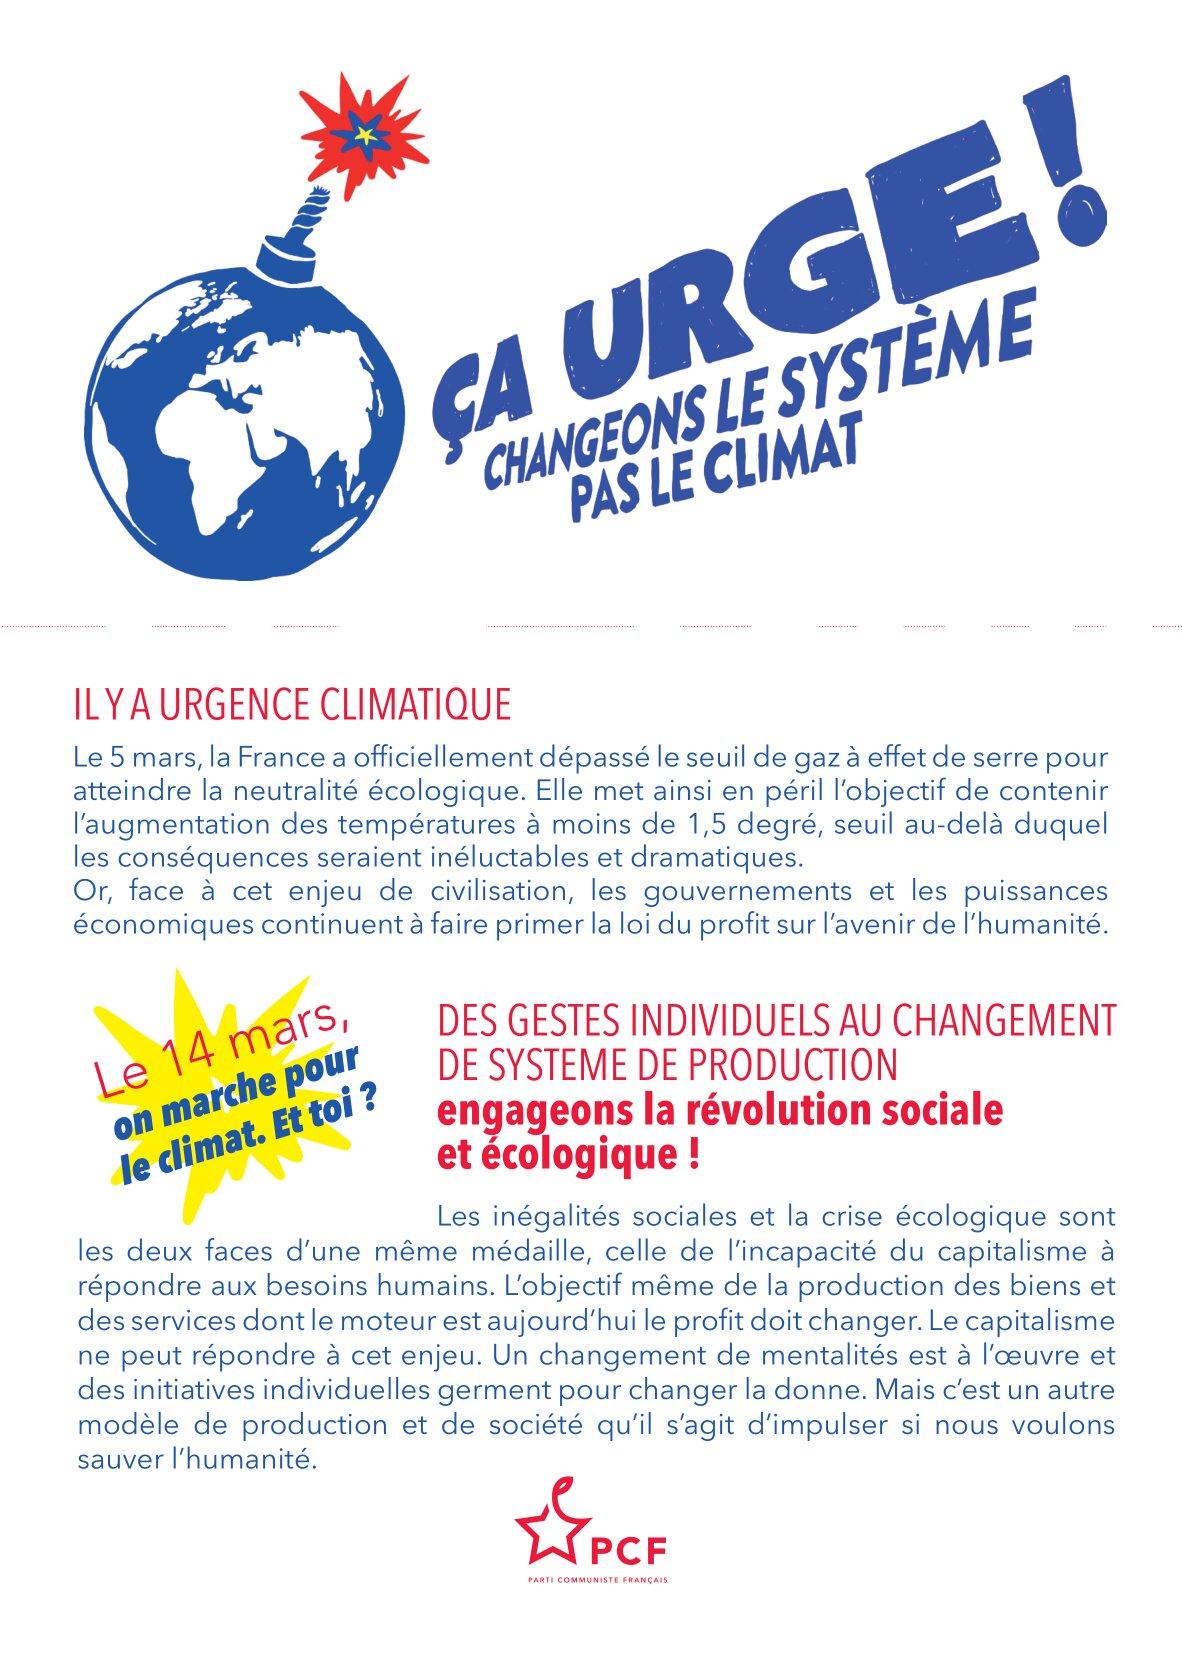 Nouvelle mobilisation nationale pour le climat et la biodiversité les 13 et 14 mars